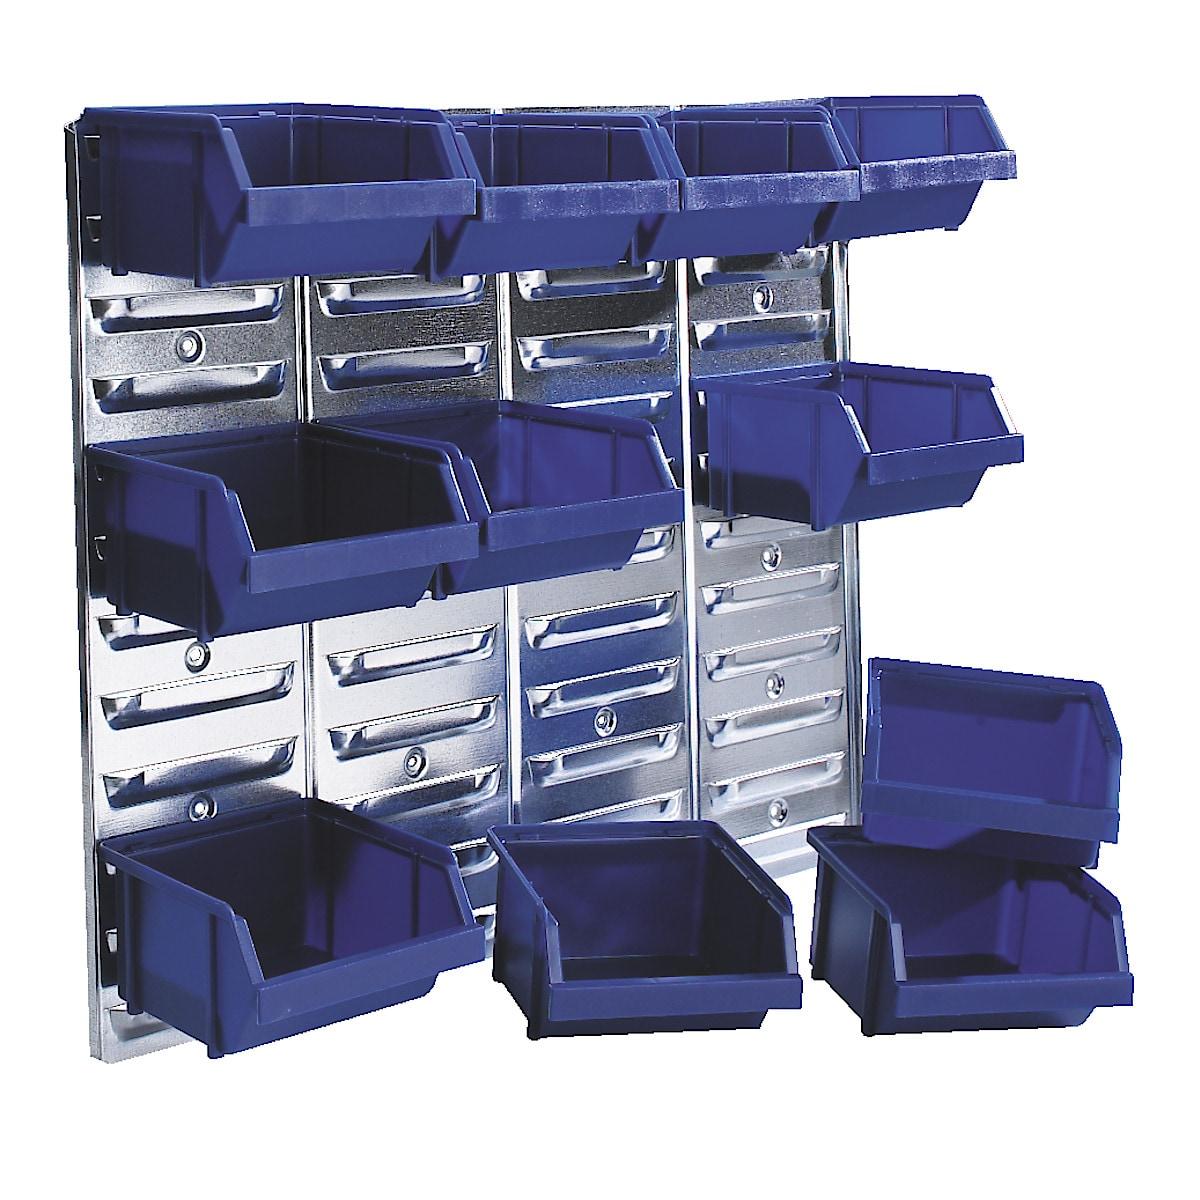 Säilytyslaatikkotaulu Raaco ja 12 laatikkoa